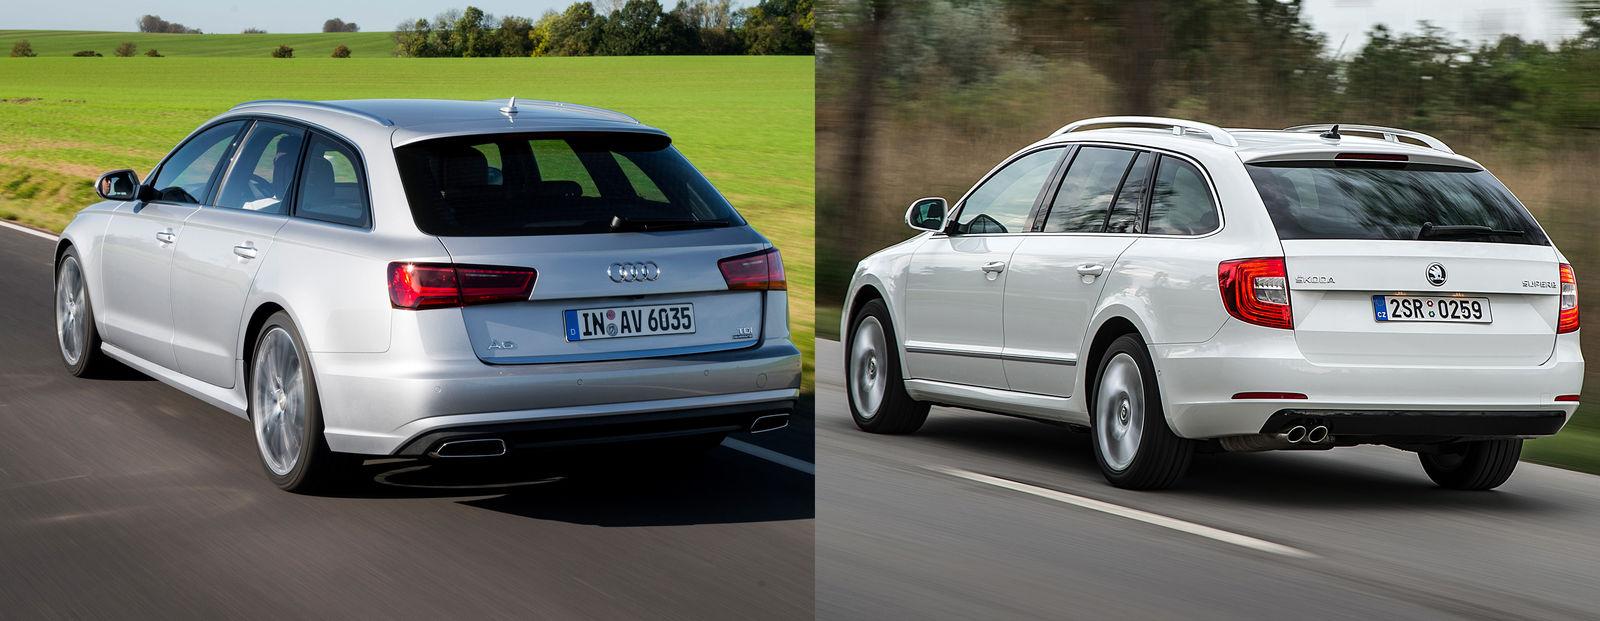 Skoda Superb Estate Vs Audi A6 Avant Family Estate Cars